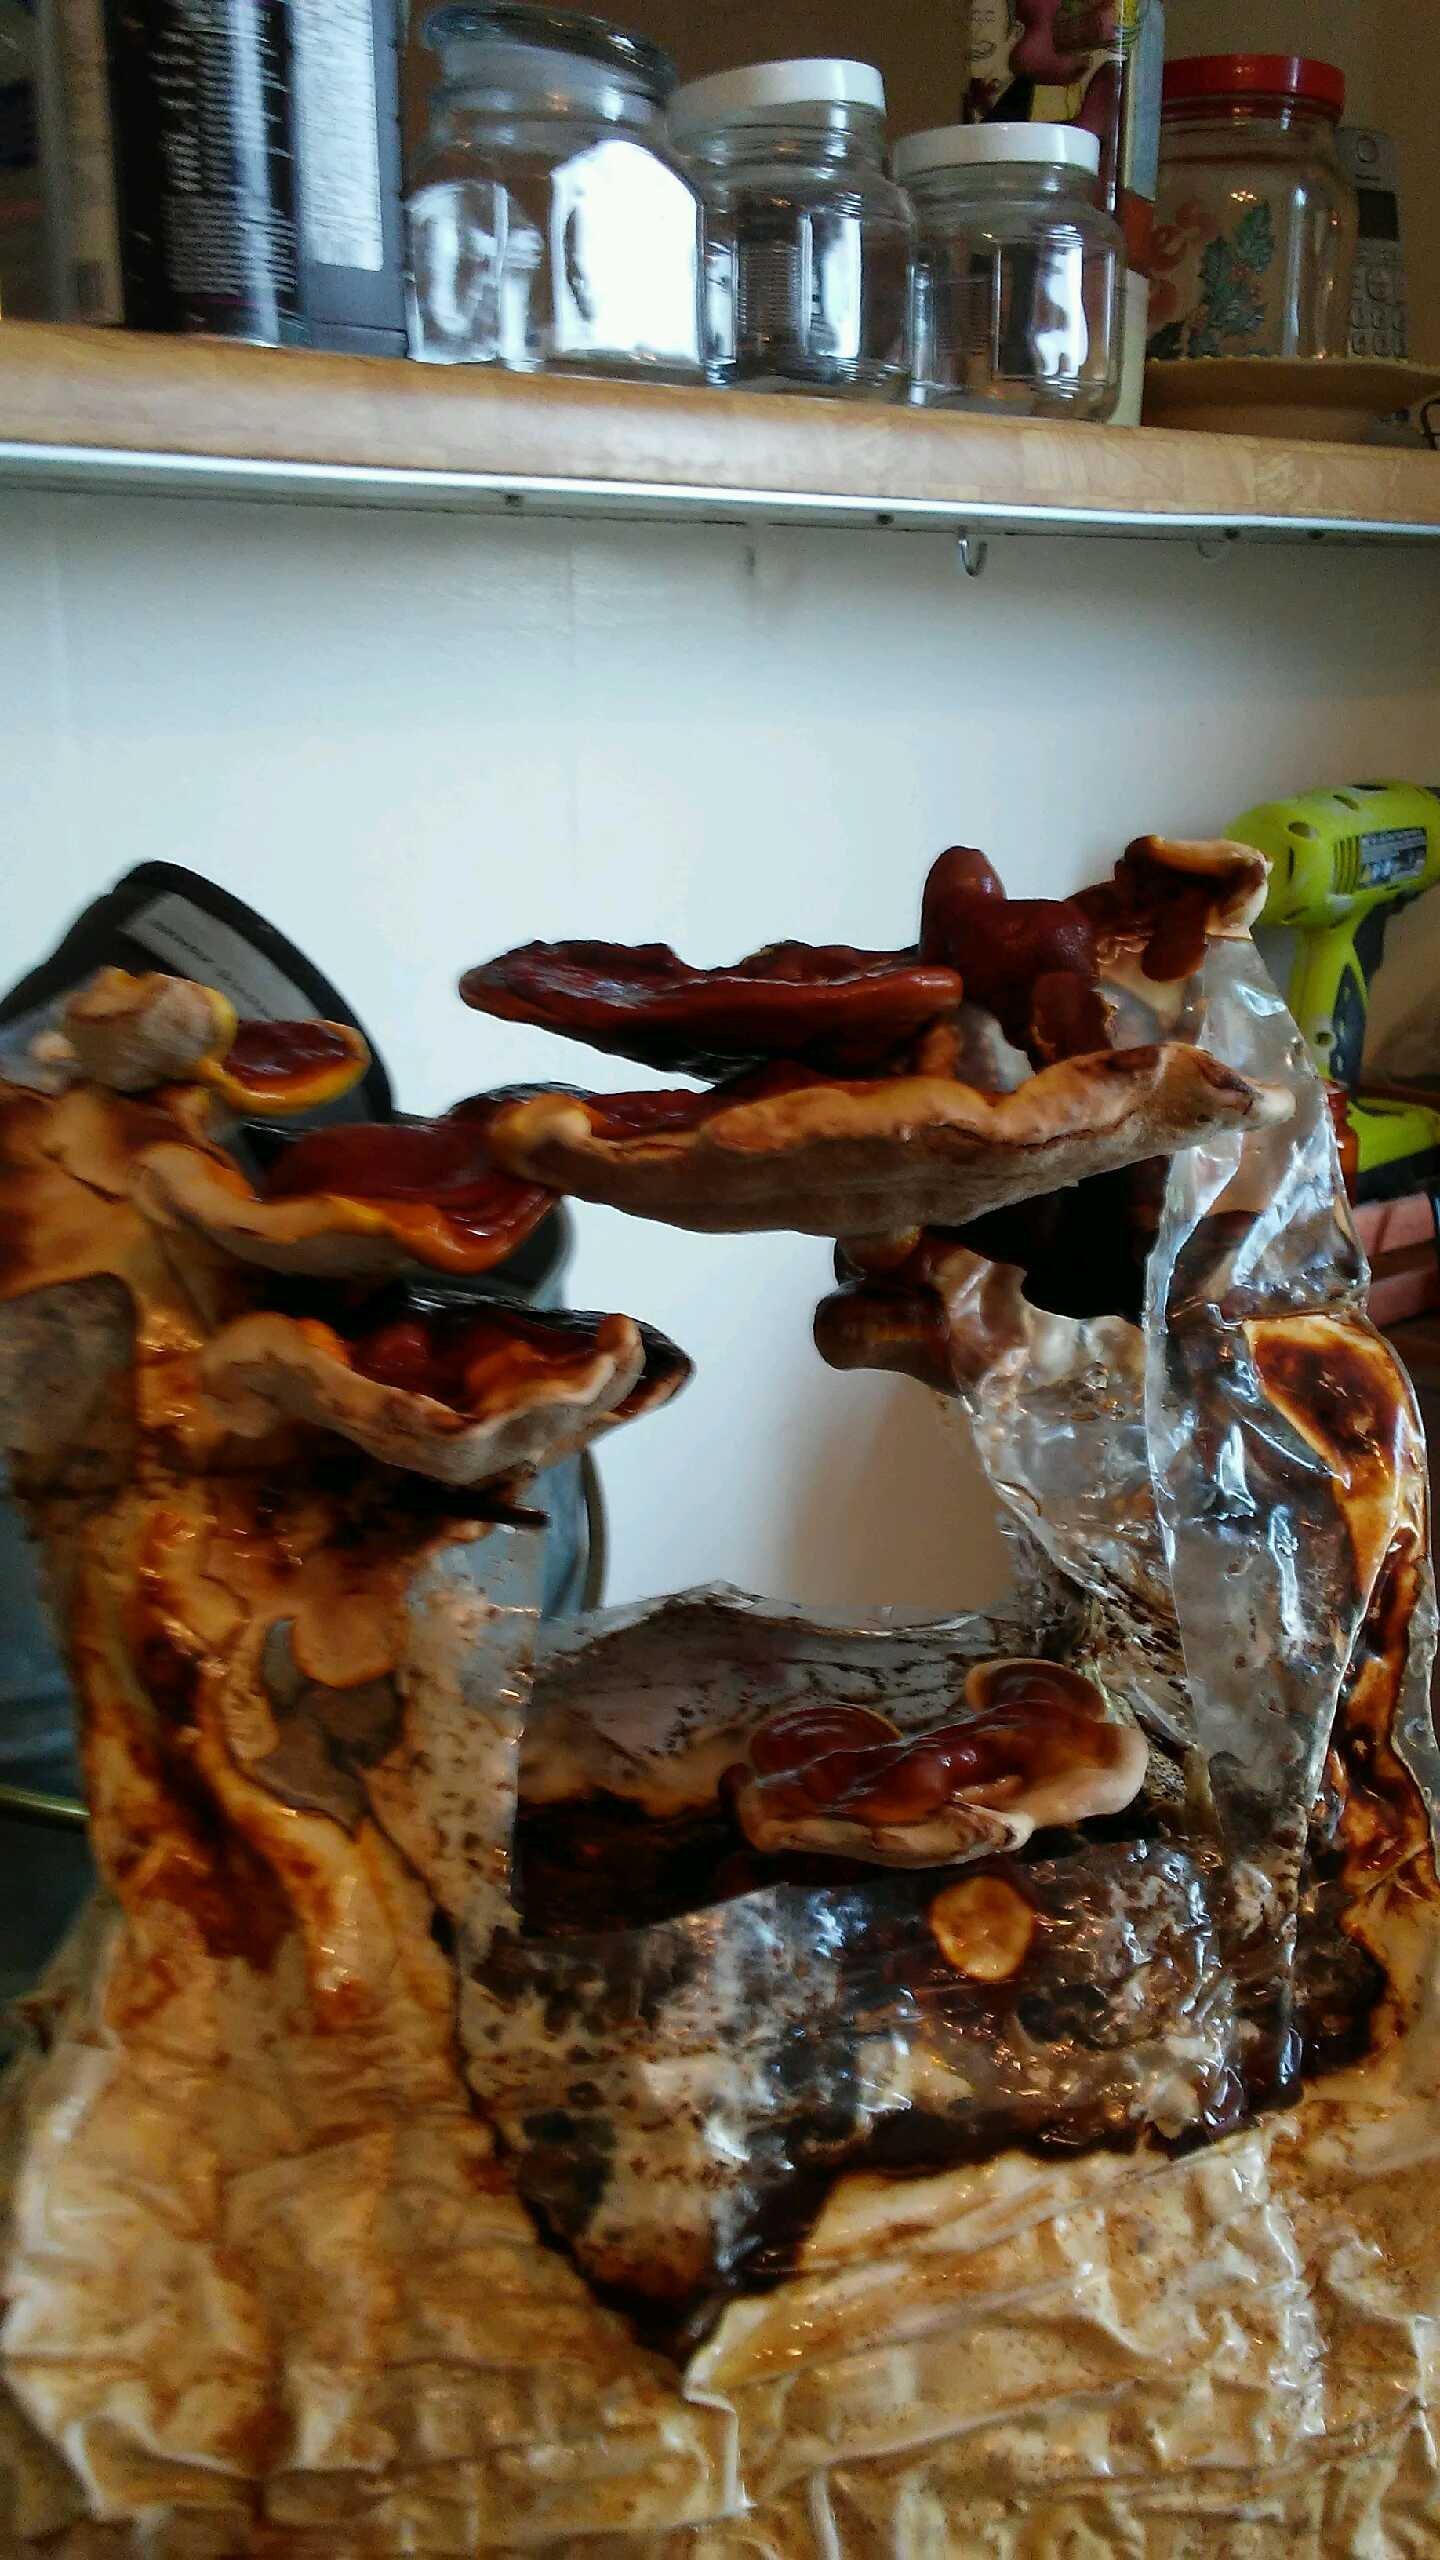 Reishi Mushroom Kit - Indoor Mushroom Growing Kit - Grow Edible Mushroomsl & Fungi. Easy & Fun Mushroom Grow Kits